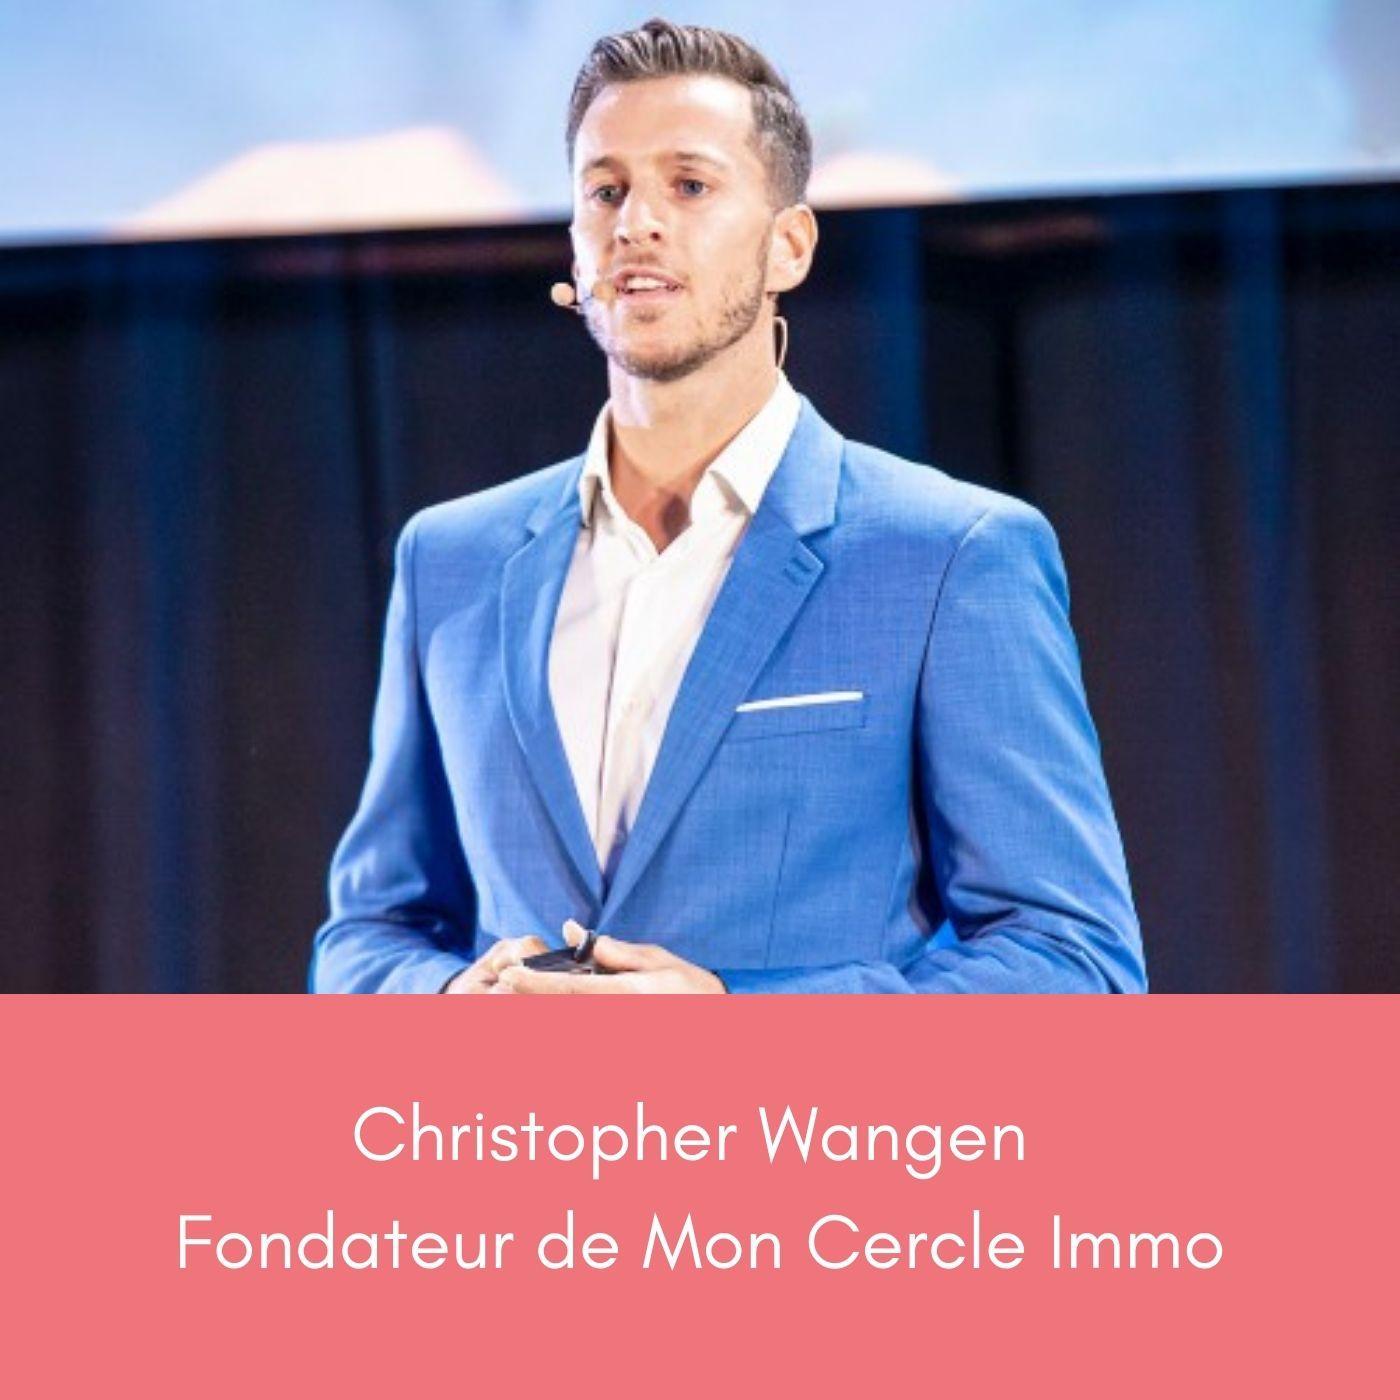 Christopher Wangen